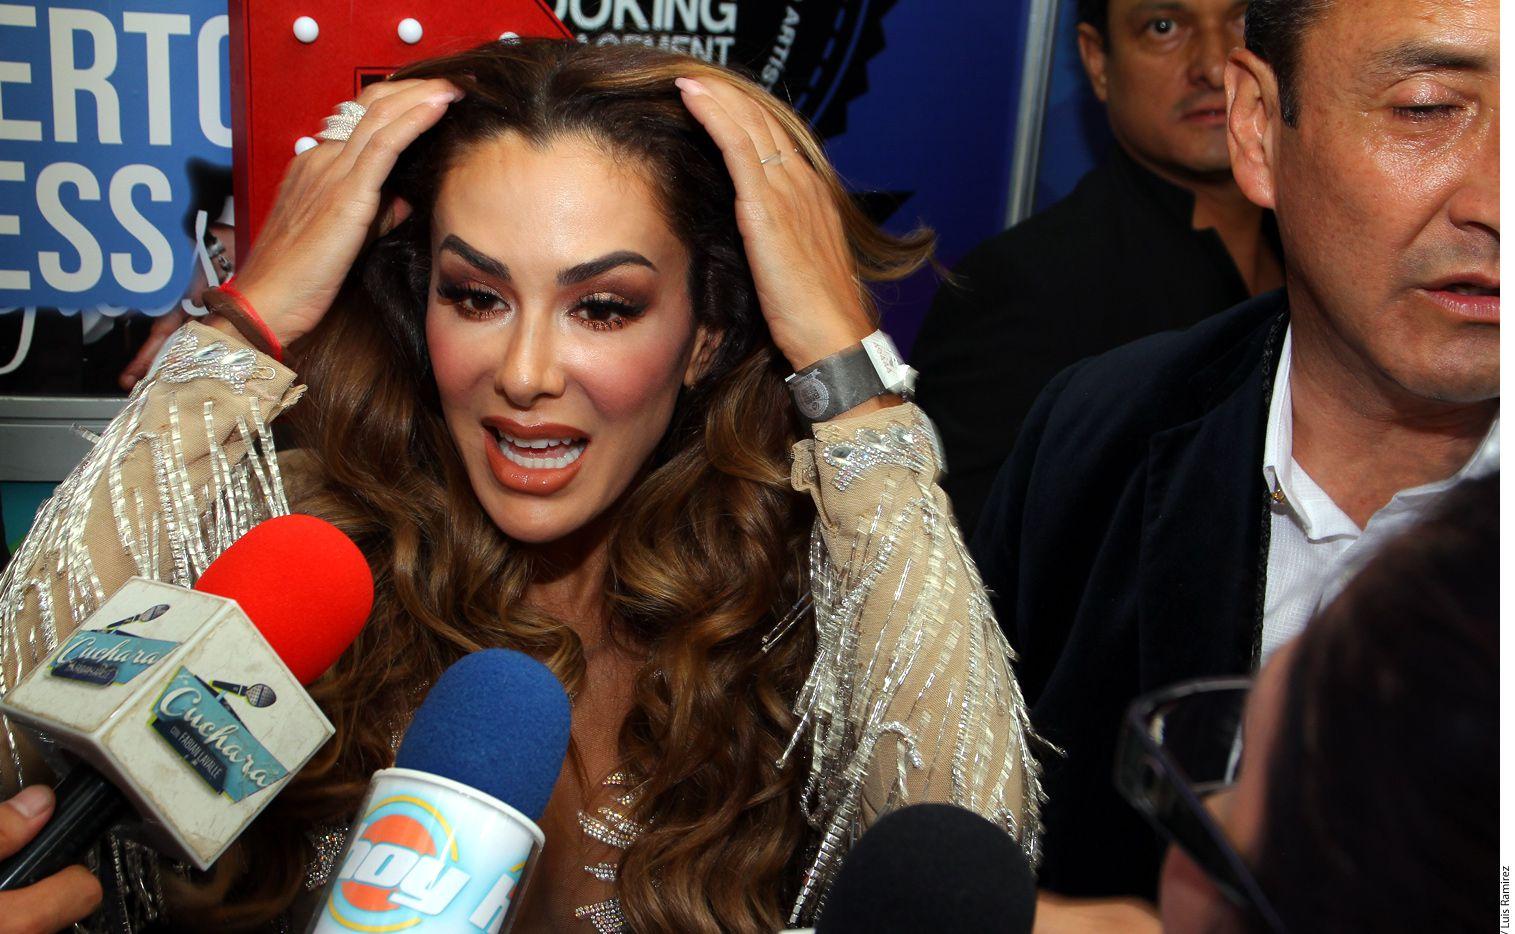 Los abogados de Ninel Conde (izq.) le informaron el viernes a la cantante que se habían encontrado rastros de cocaína en los estudios que se realizó después de que su ex pareja, Giovanni Medina la acusara de drogadicta, algo que ella dice imposible, pues jamás ha utilizado drogas./ AGENCIA REFORMA